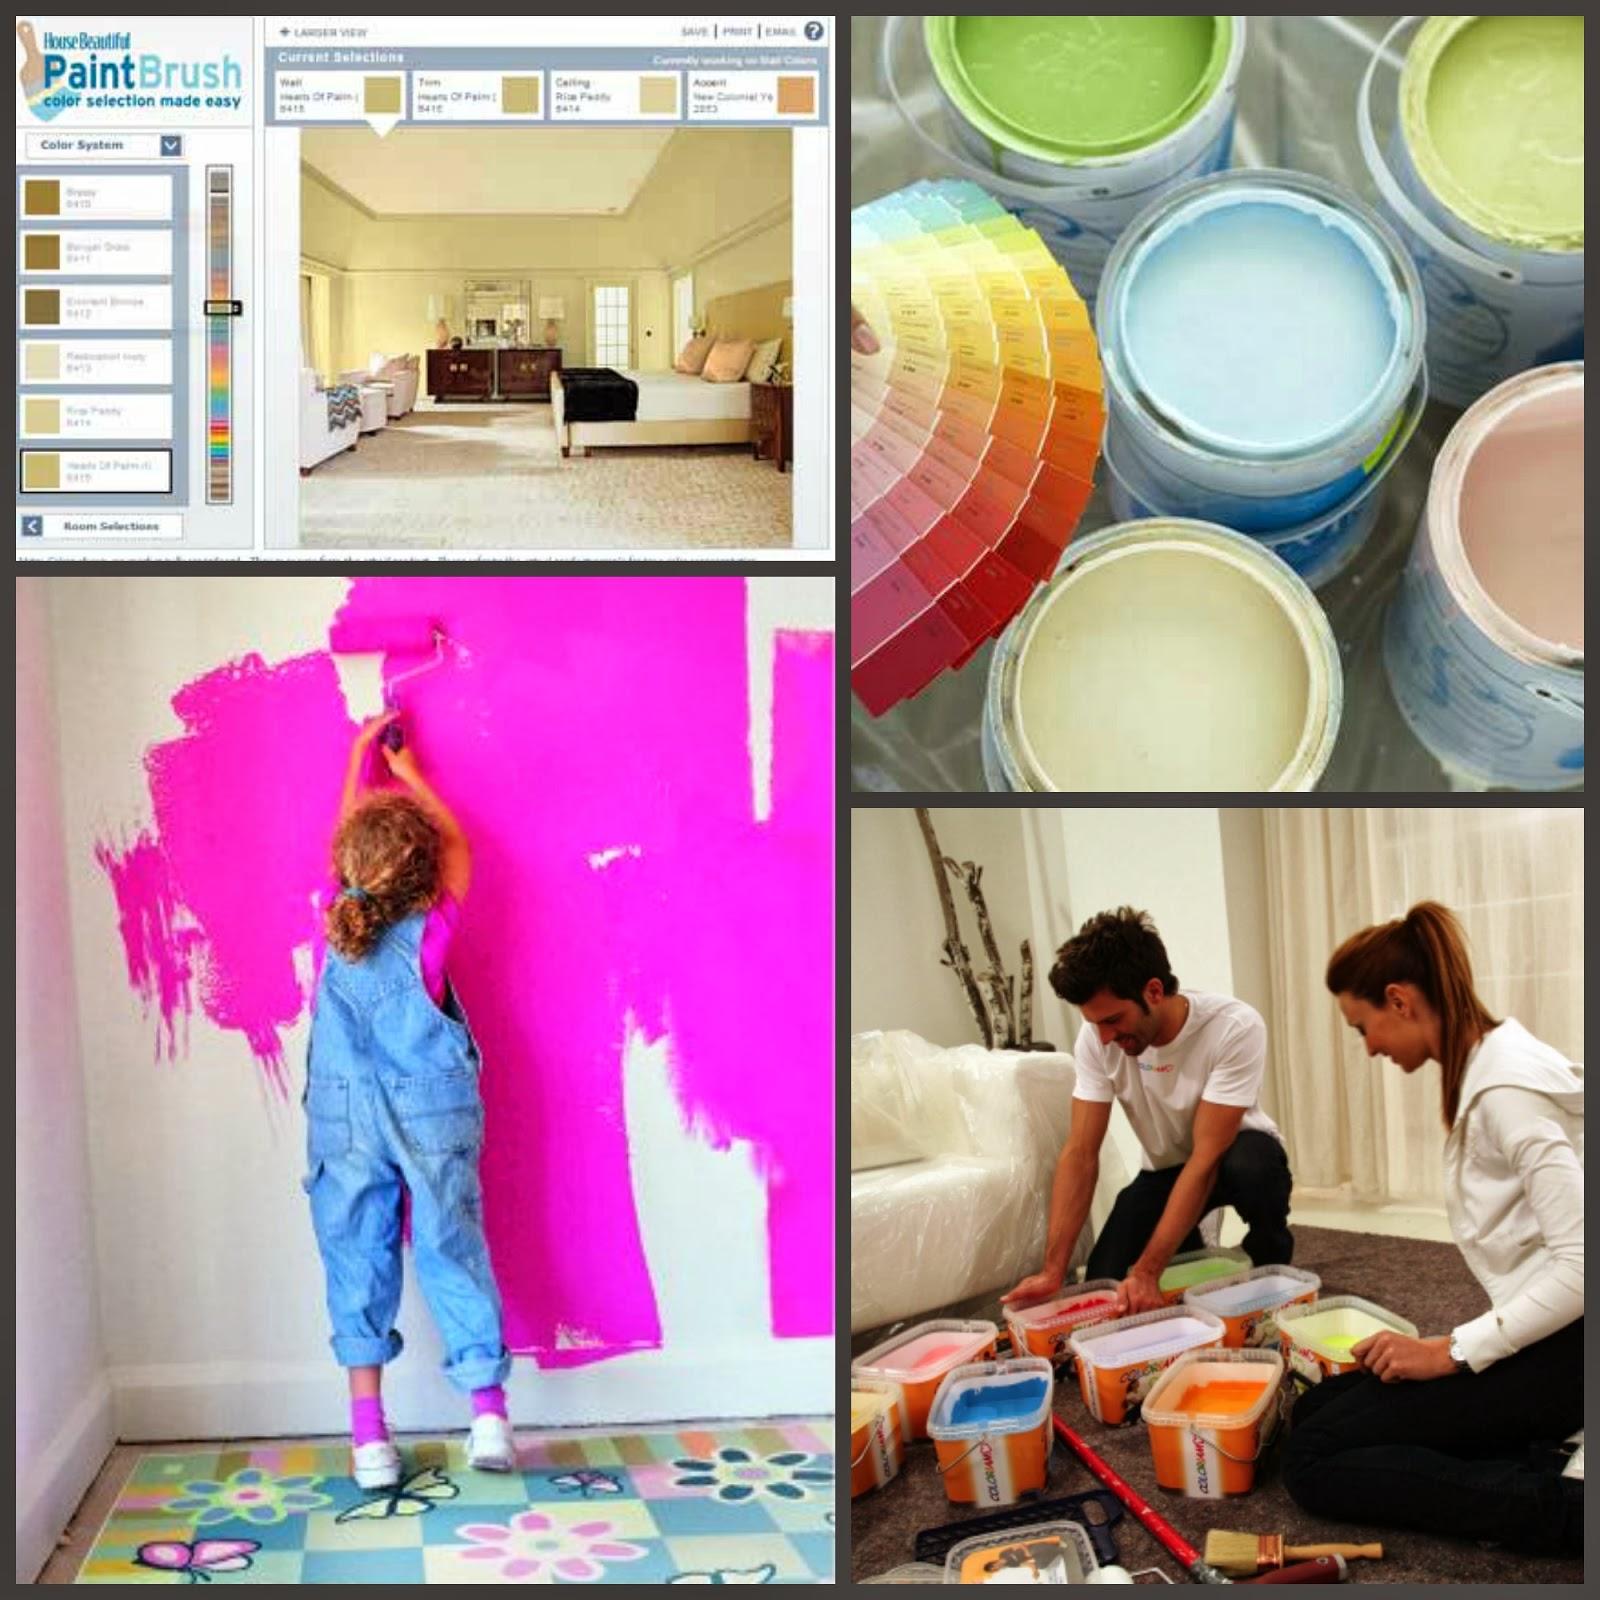 Come scegliere i colori delle pareti - Un Architetto In Cucina